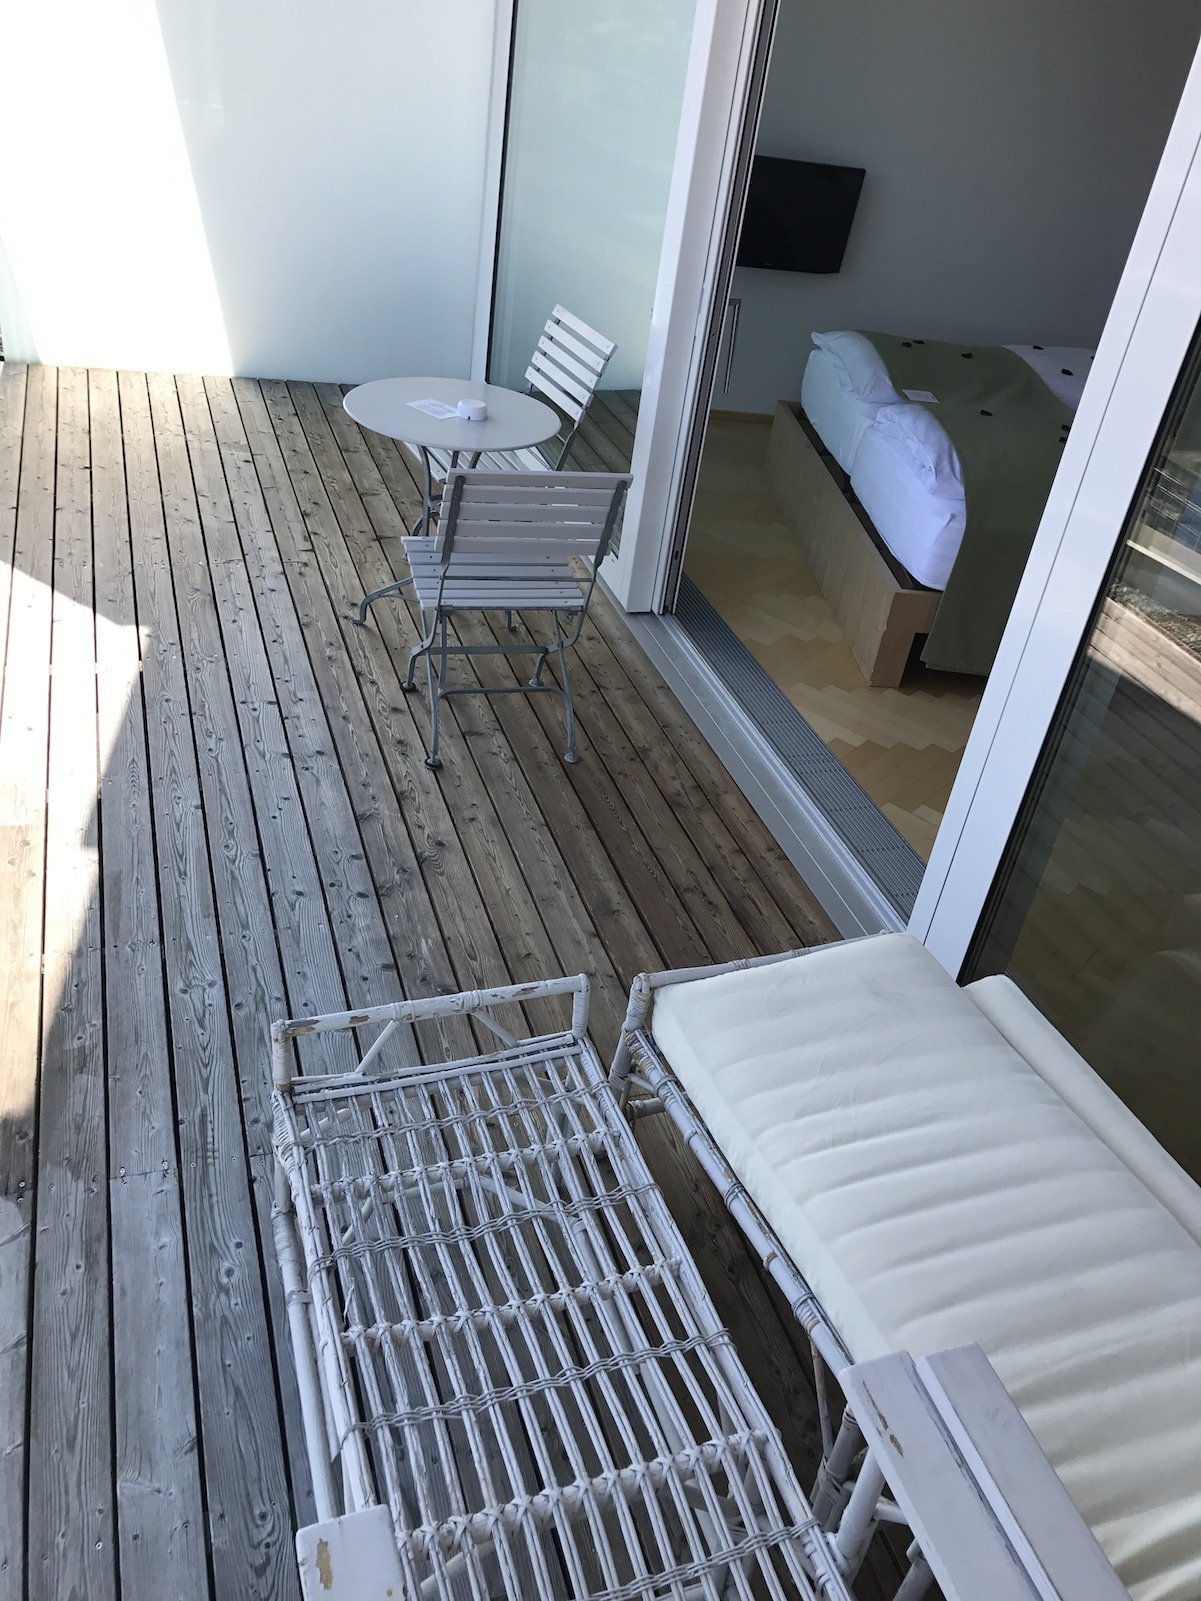 Viel Platz auf dem Balkon unserer Juniorsuite im Waldhotel davos